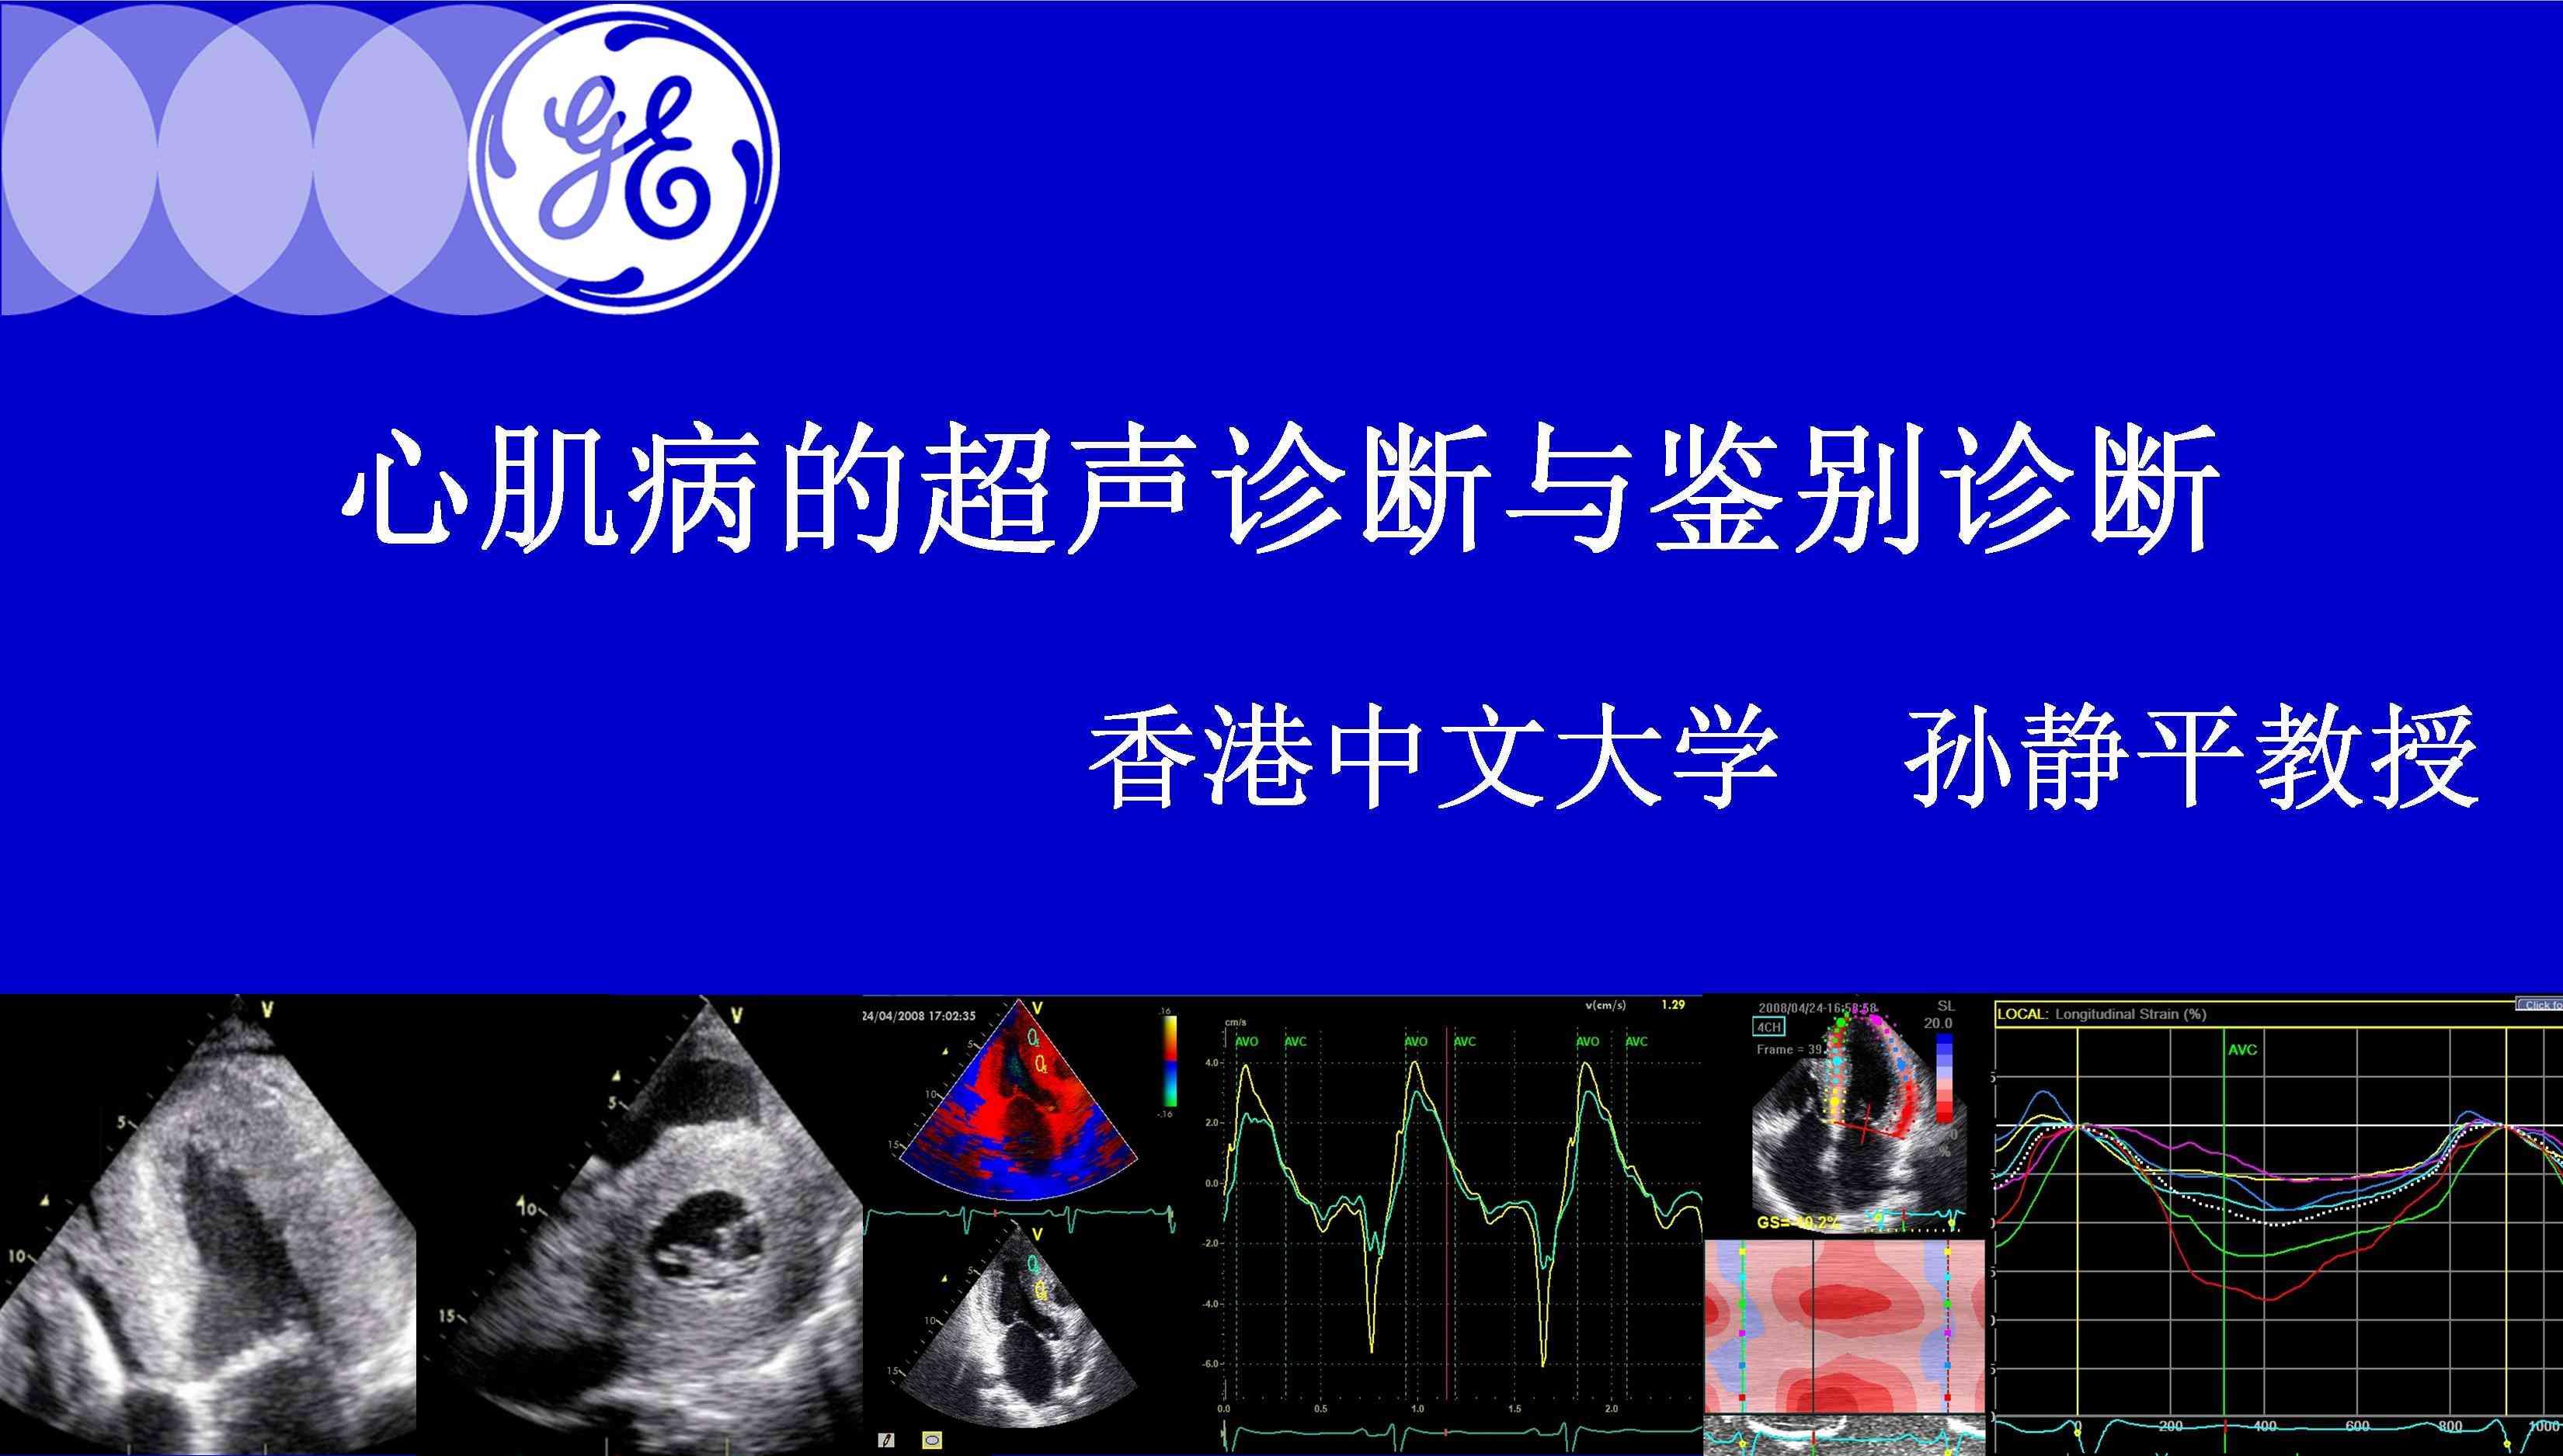 心肌病的超声诊断与鉴别诊断